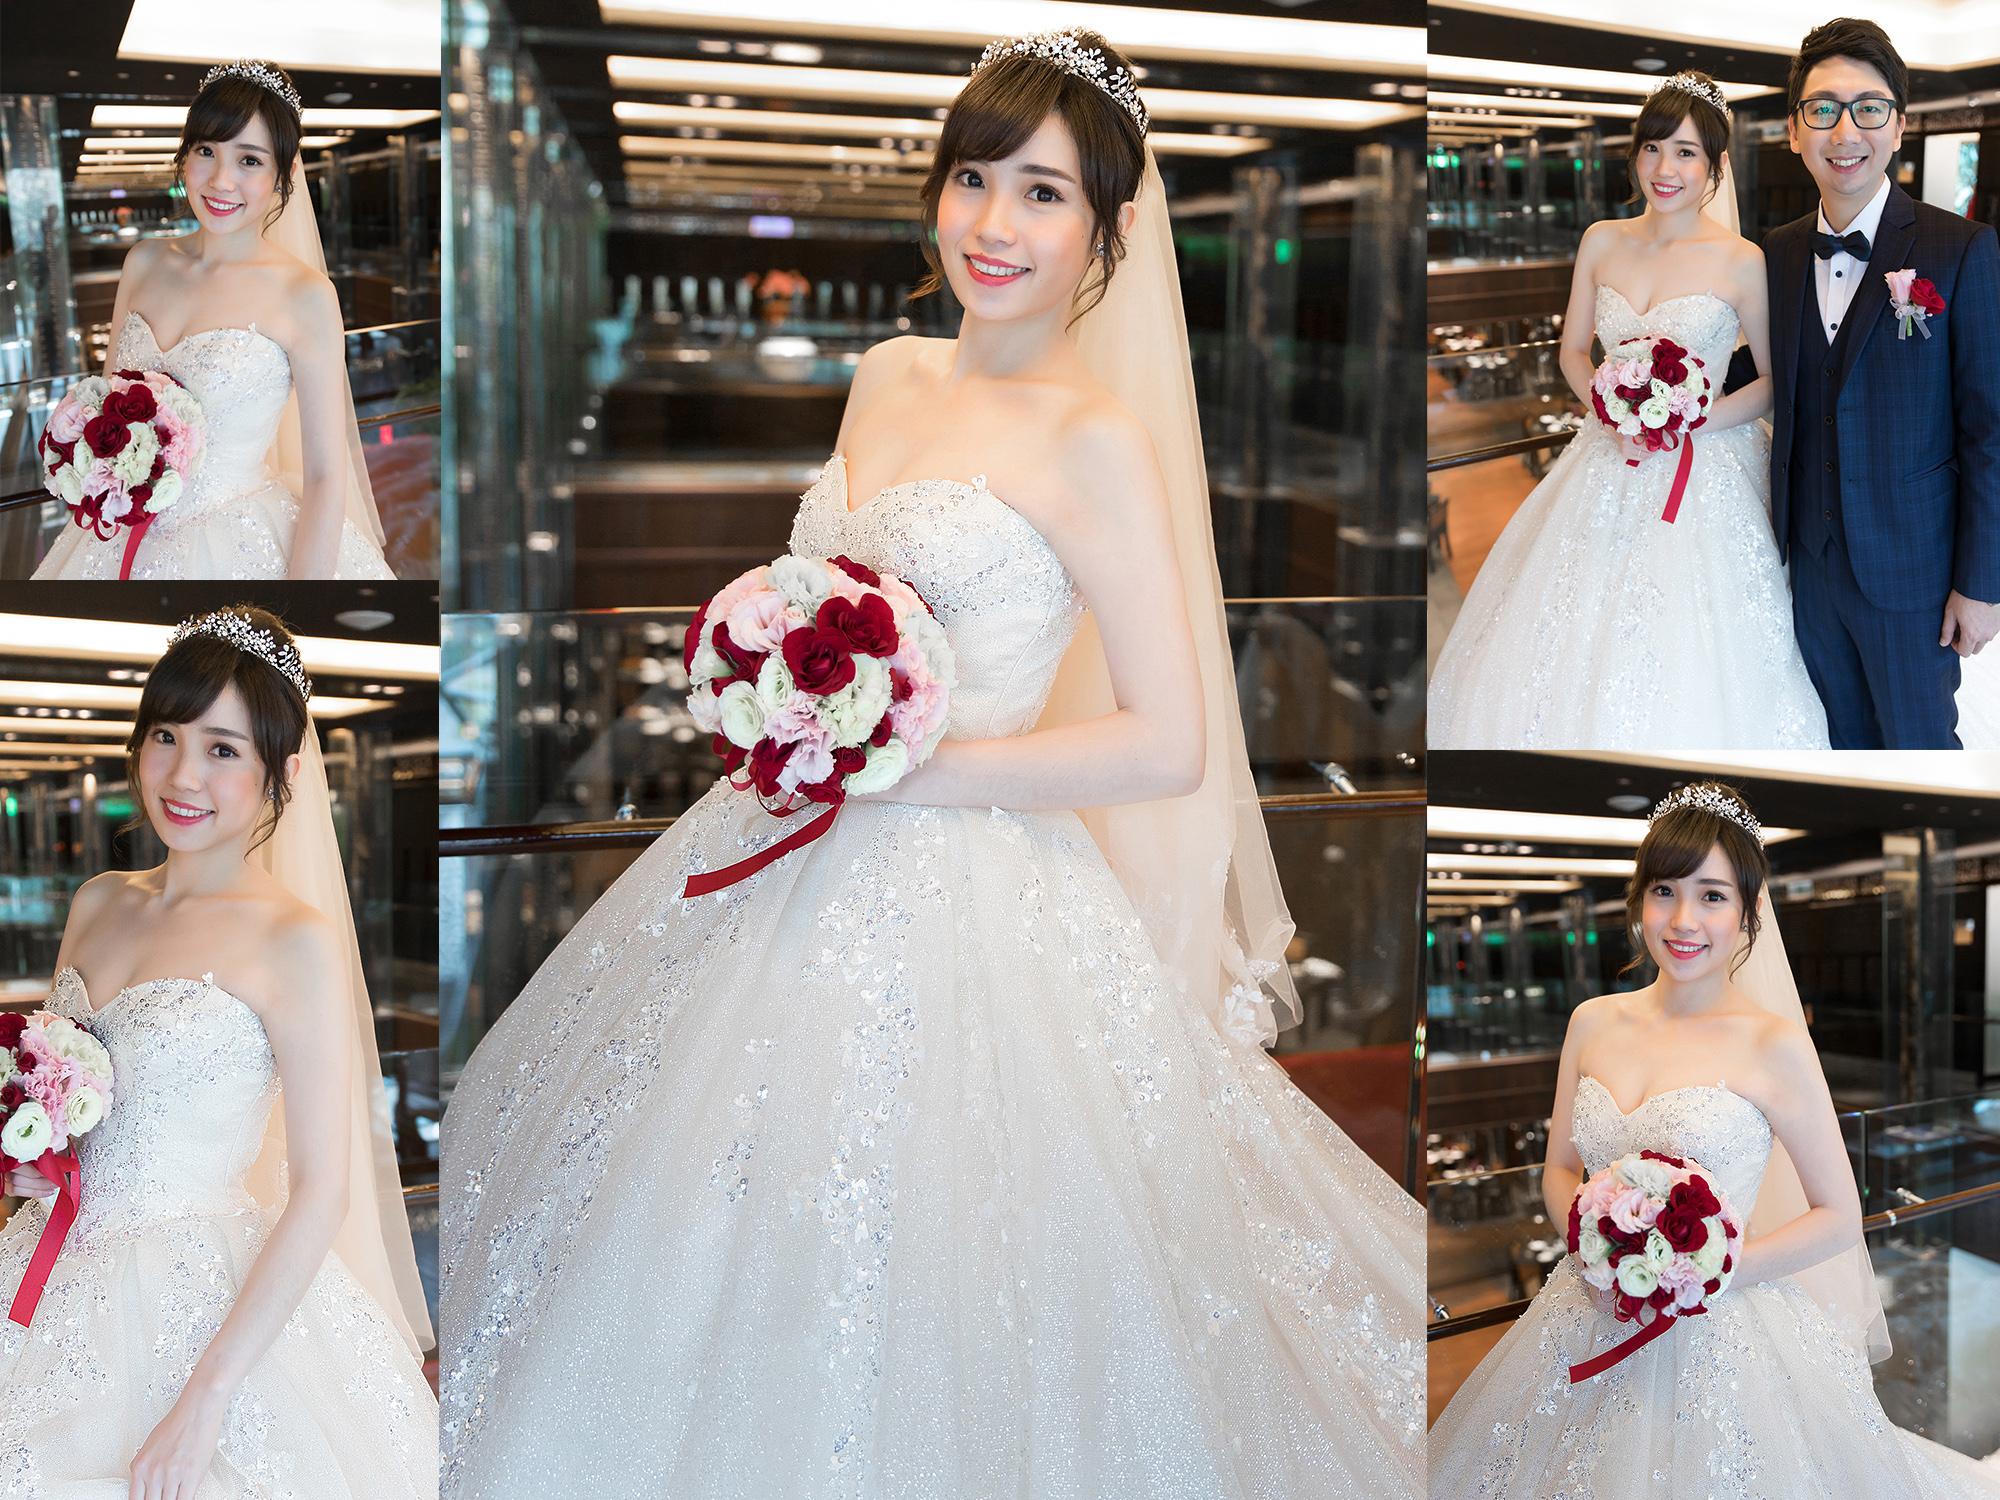 新秘Yuki,新娘秘書,新秘,新娘造型,白紗造型,新秘推薦,新娘妝容,高雄新秘, 盤髮造型, C型瀏海,故宮晶華